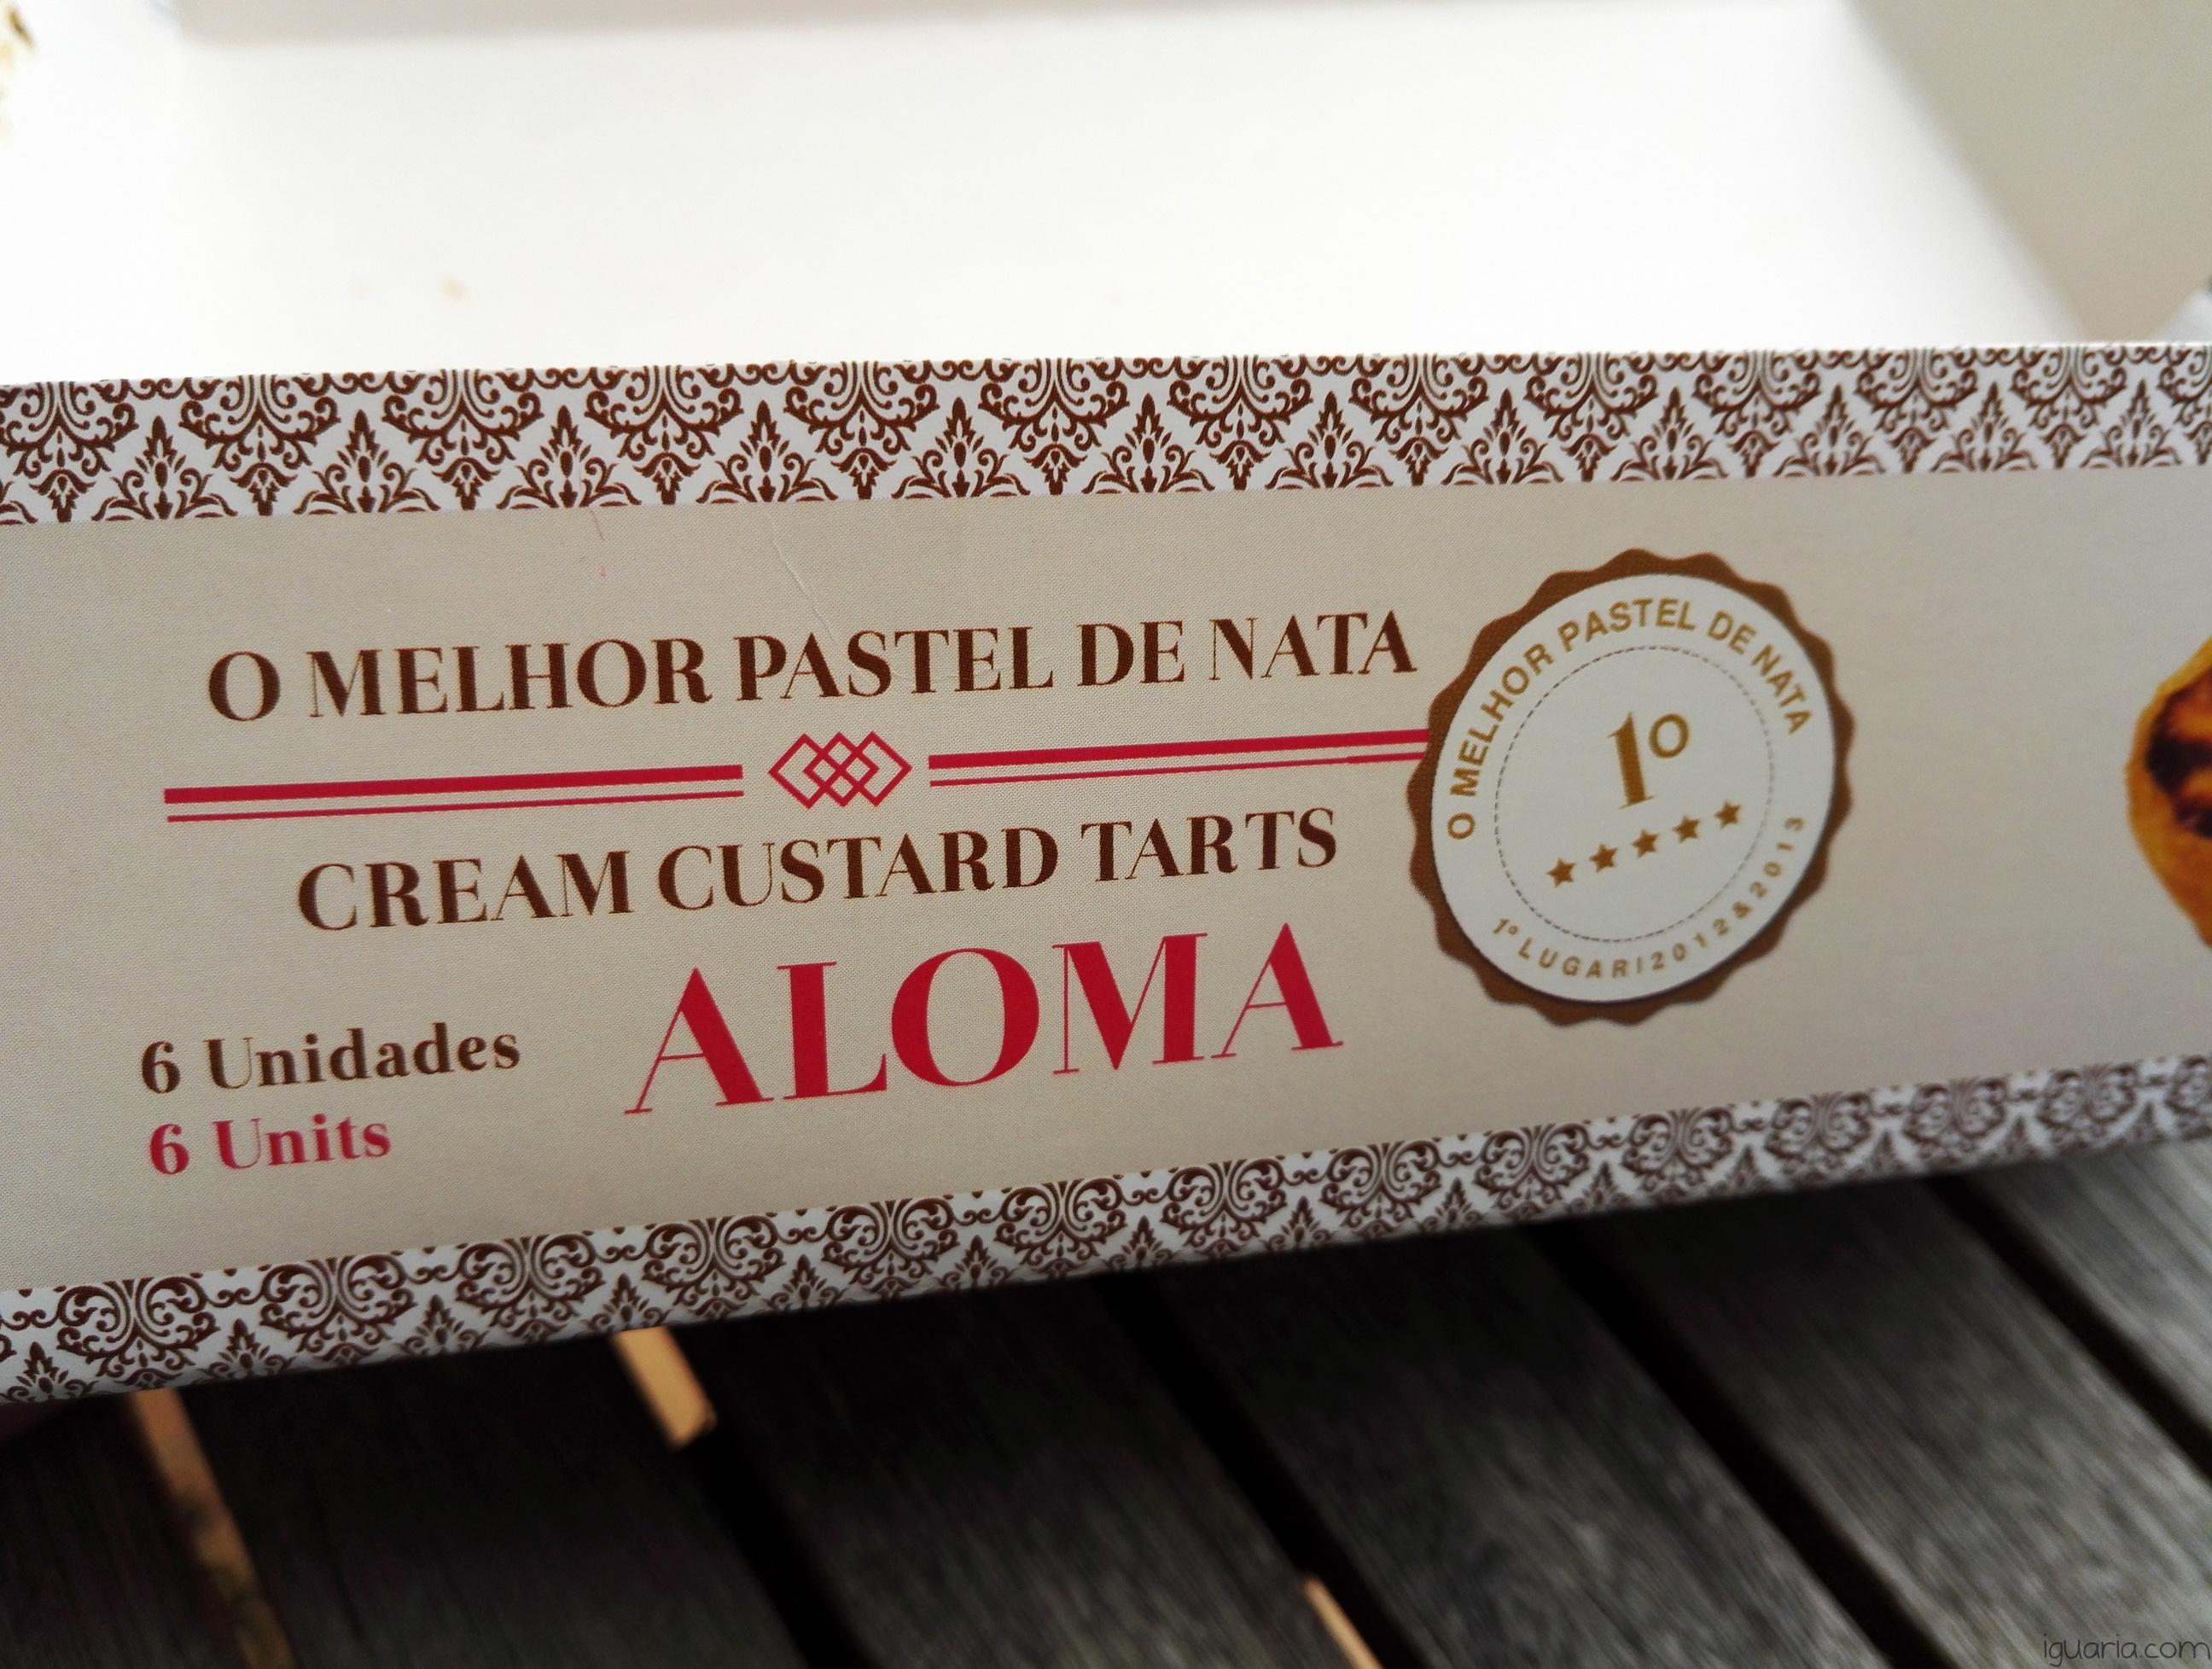 Iguaria_Aloma-Pasteis-de-Nata